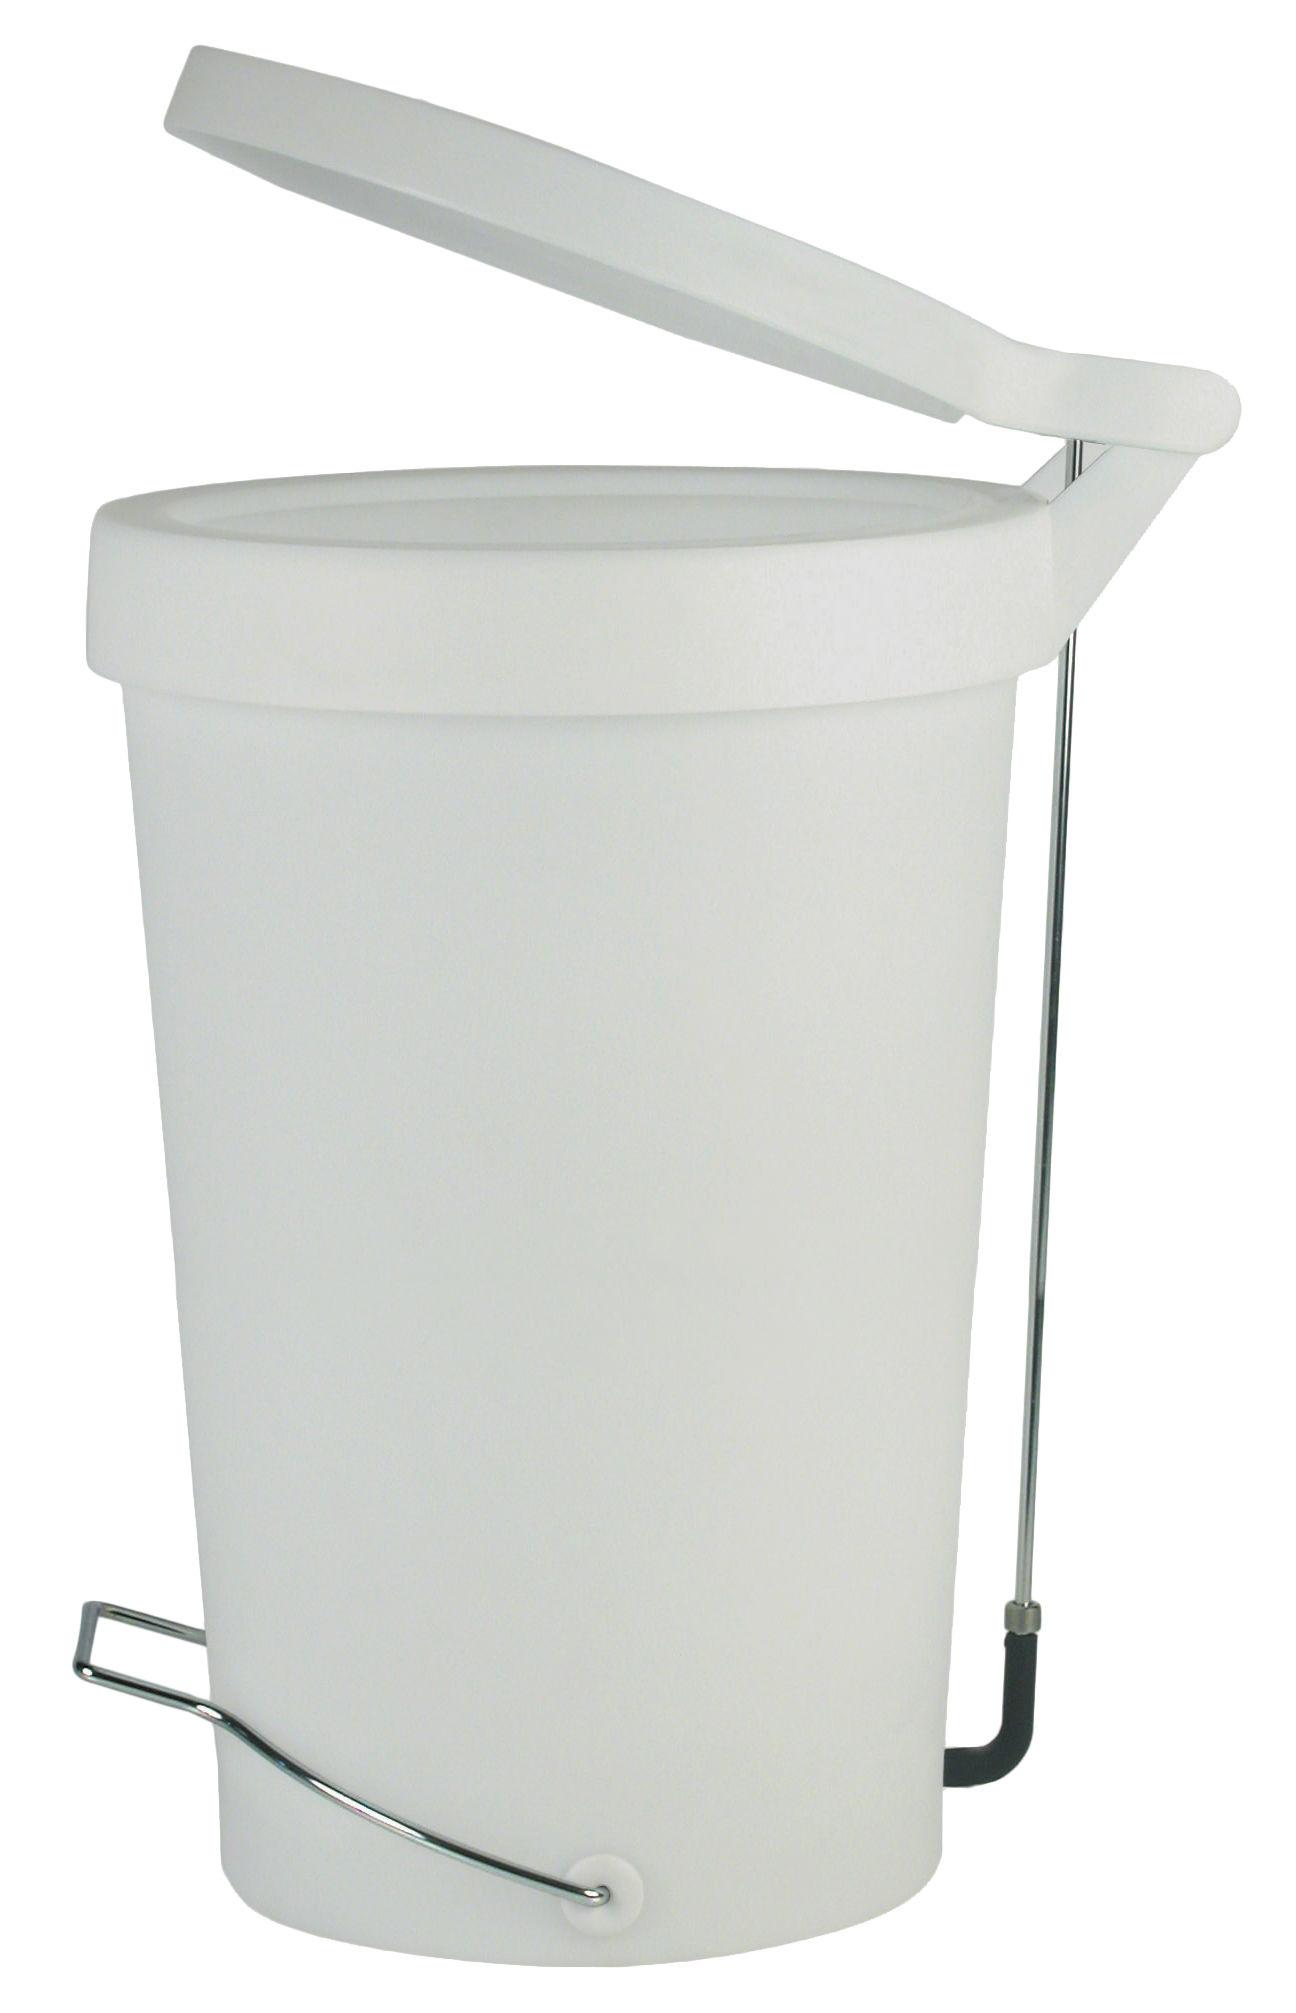 Cucina - Cestini - Pattumiera a pedale Tip - 30 litri - A pedale di Authentics - Bianco-grigio - Gomma, metallo laccato, Polipropilene